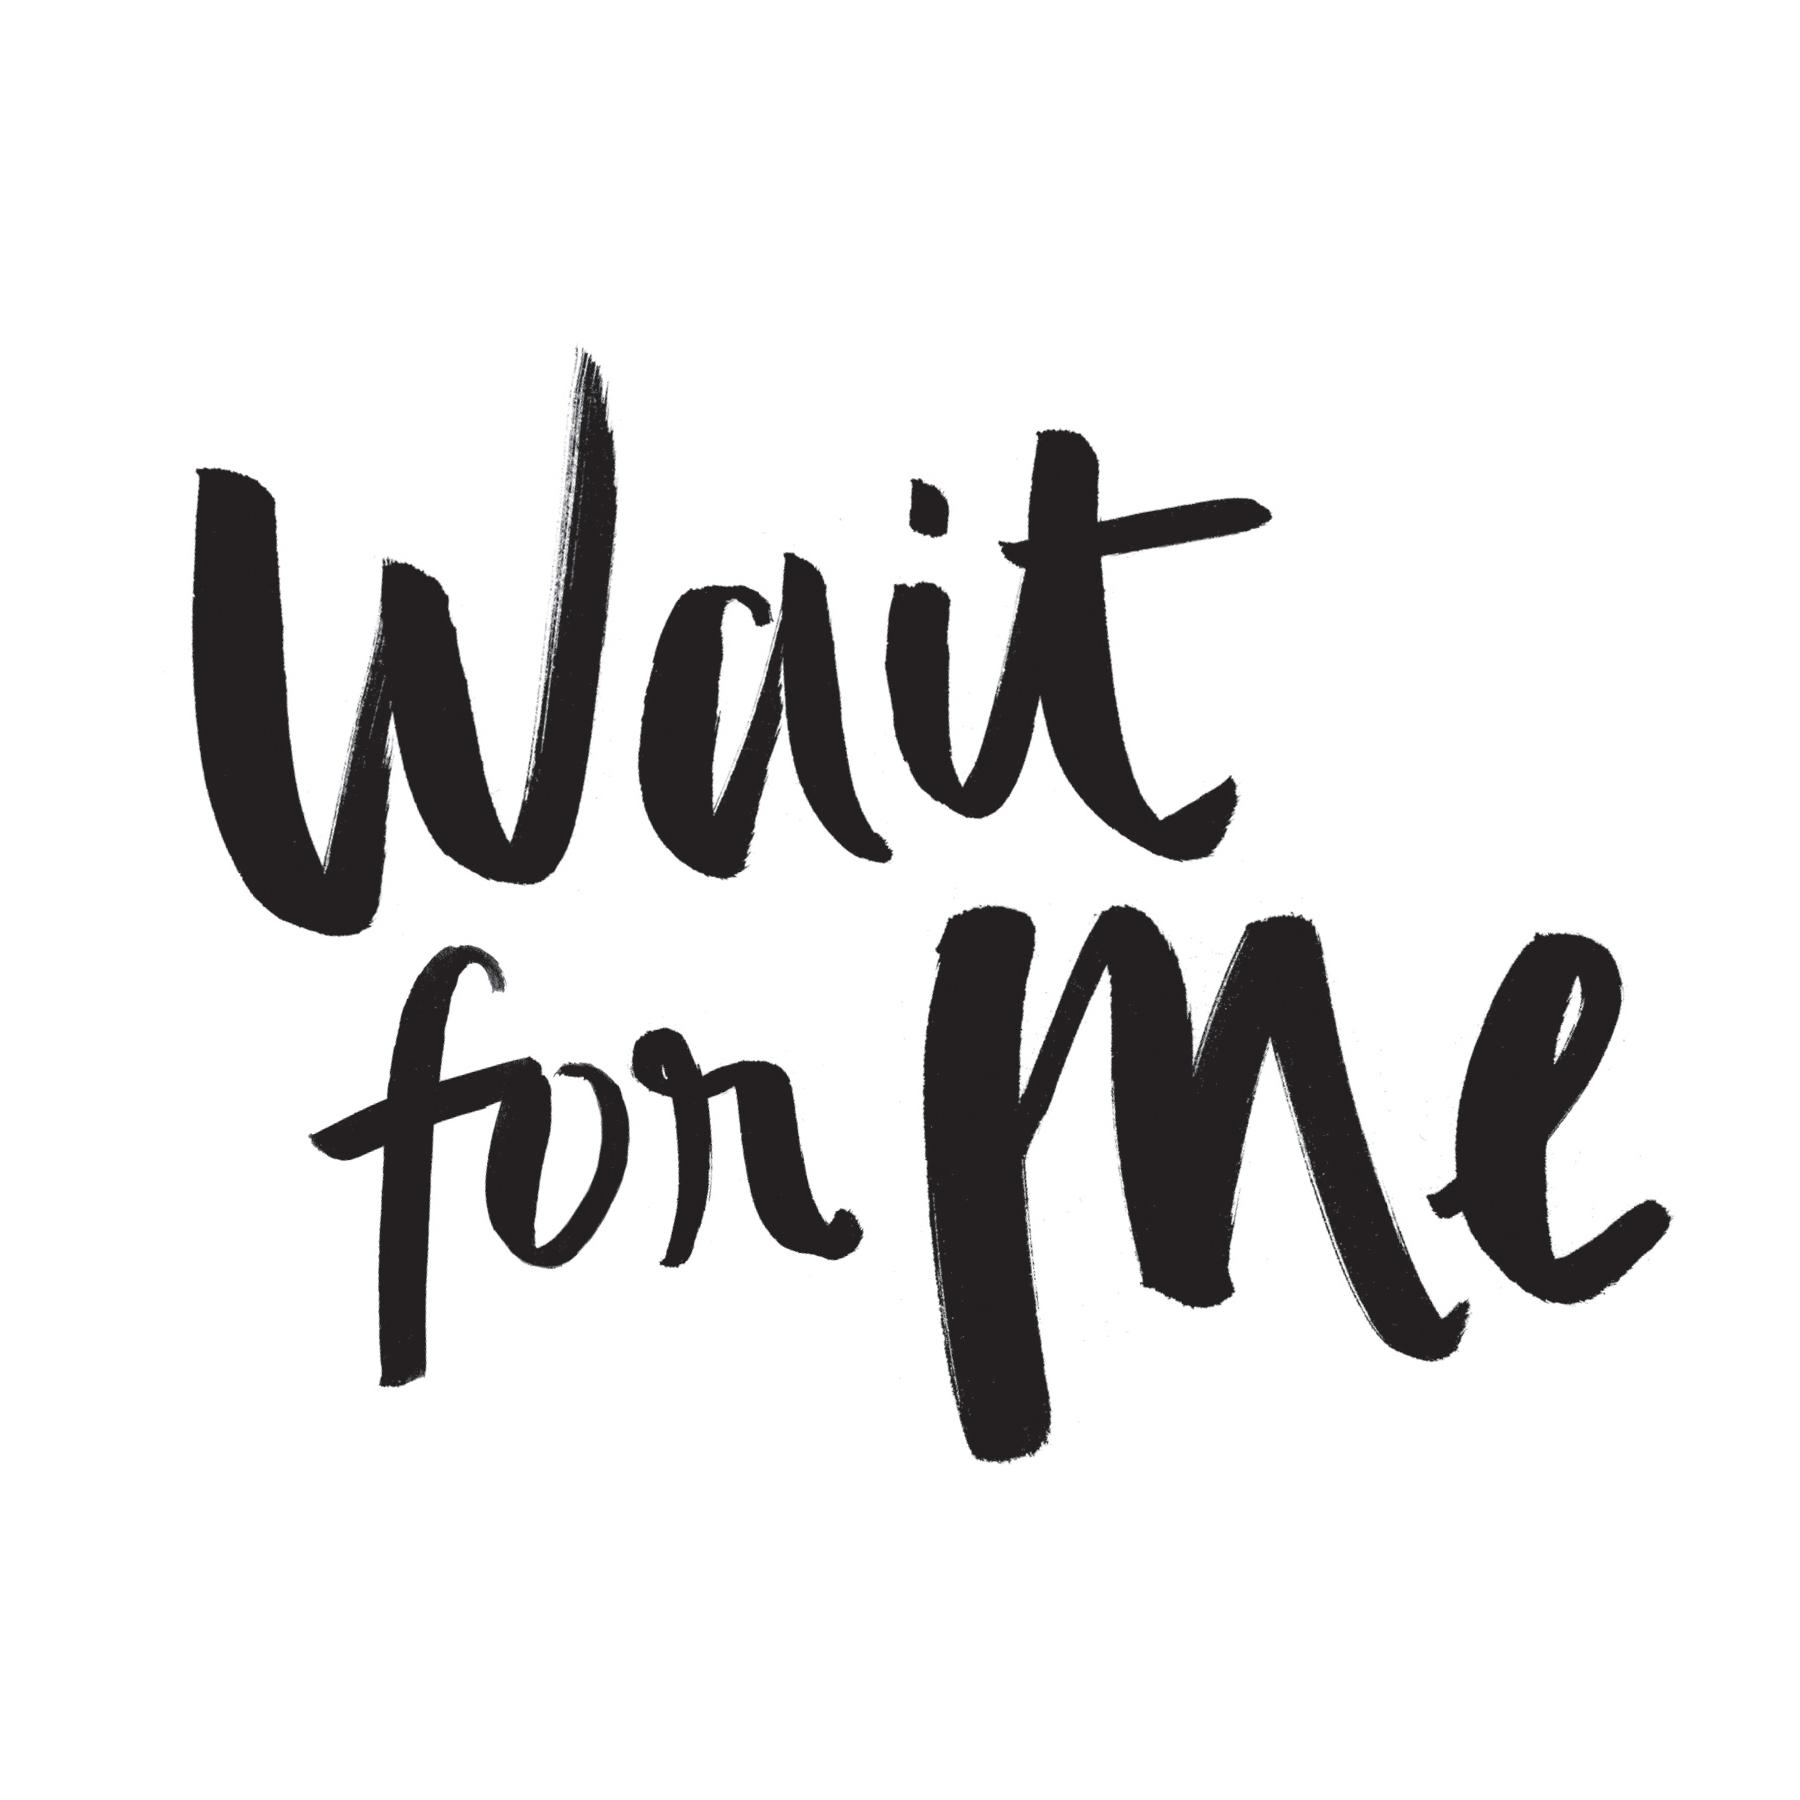 WaitForMe+type.jpg